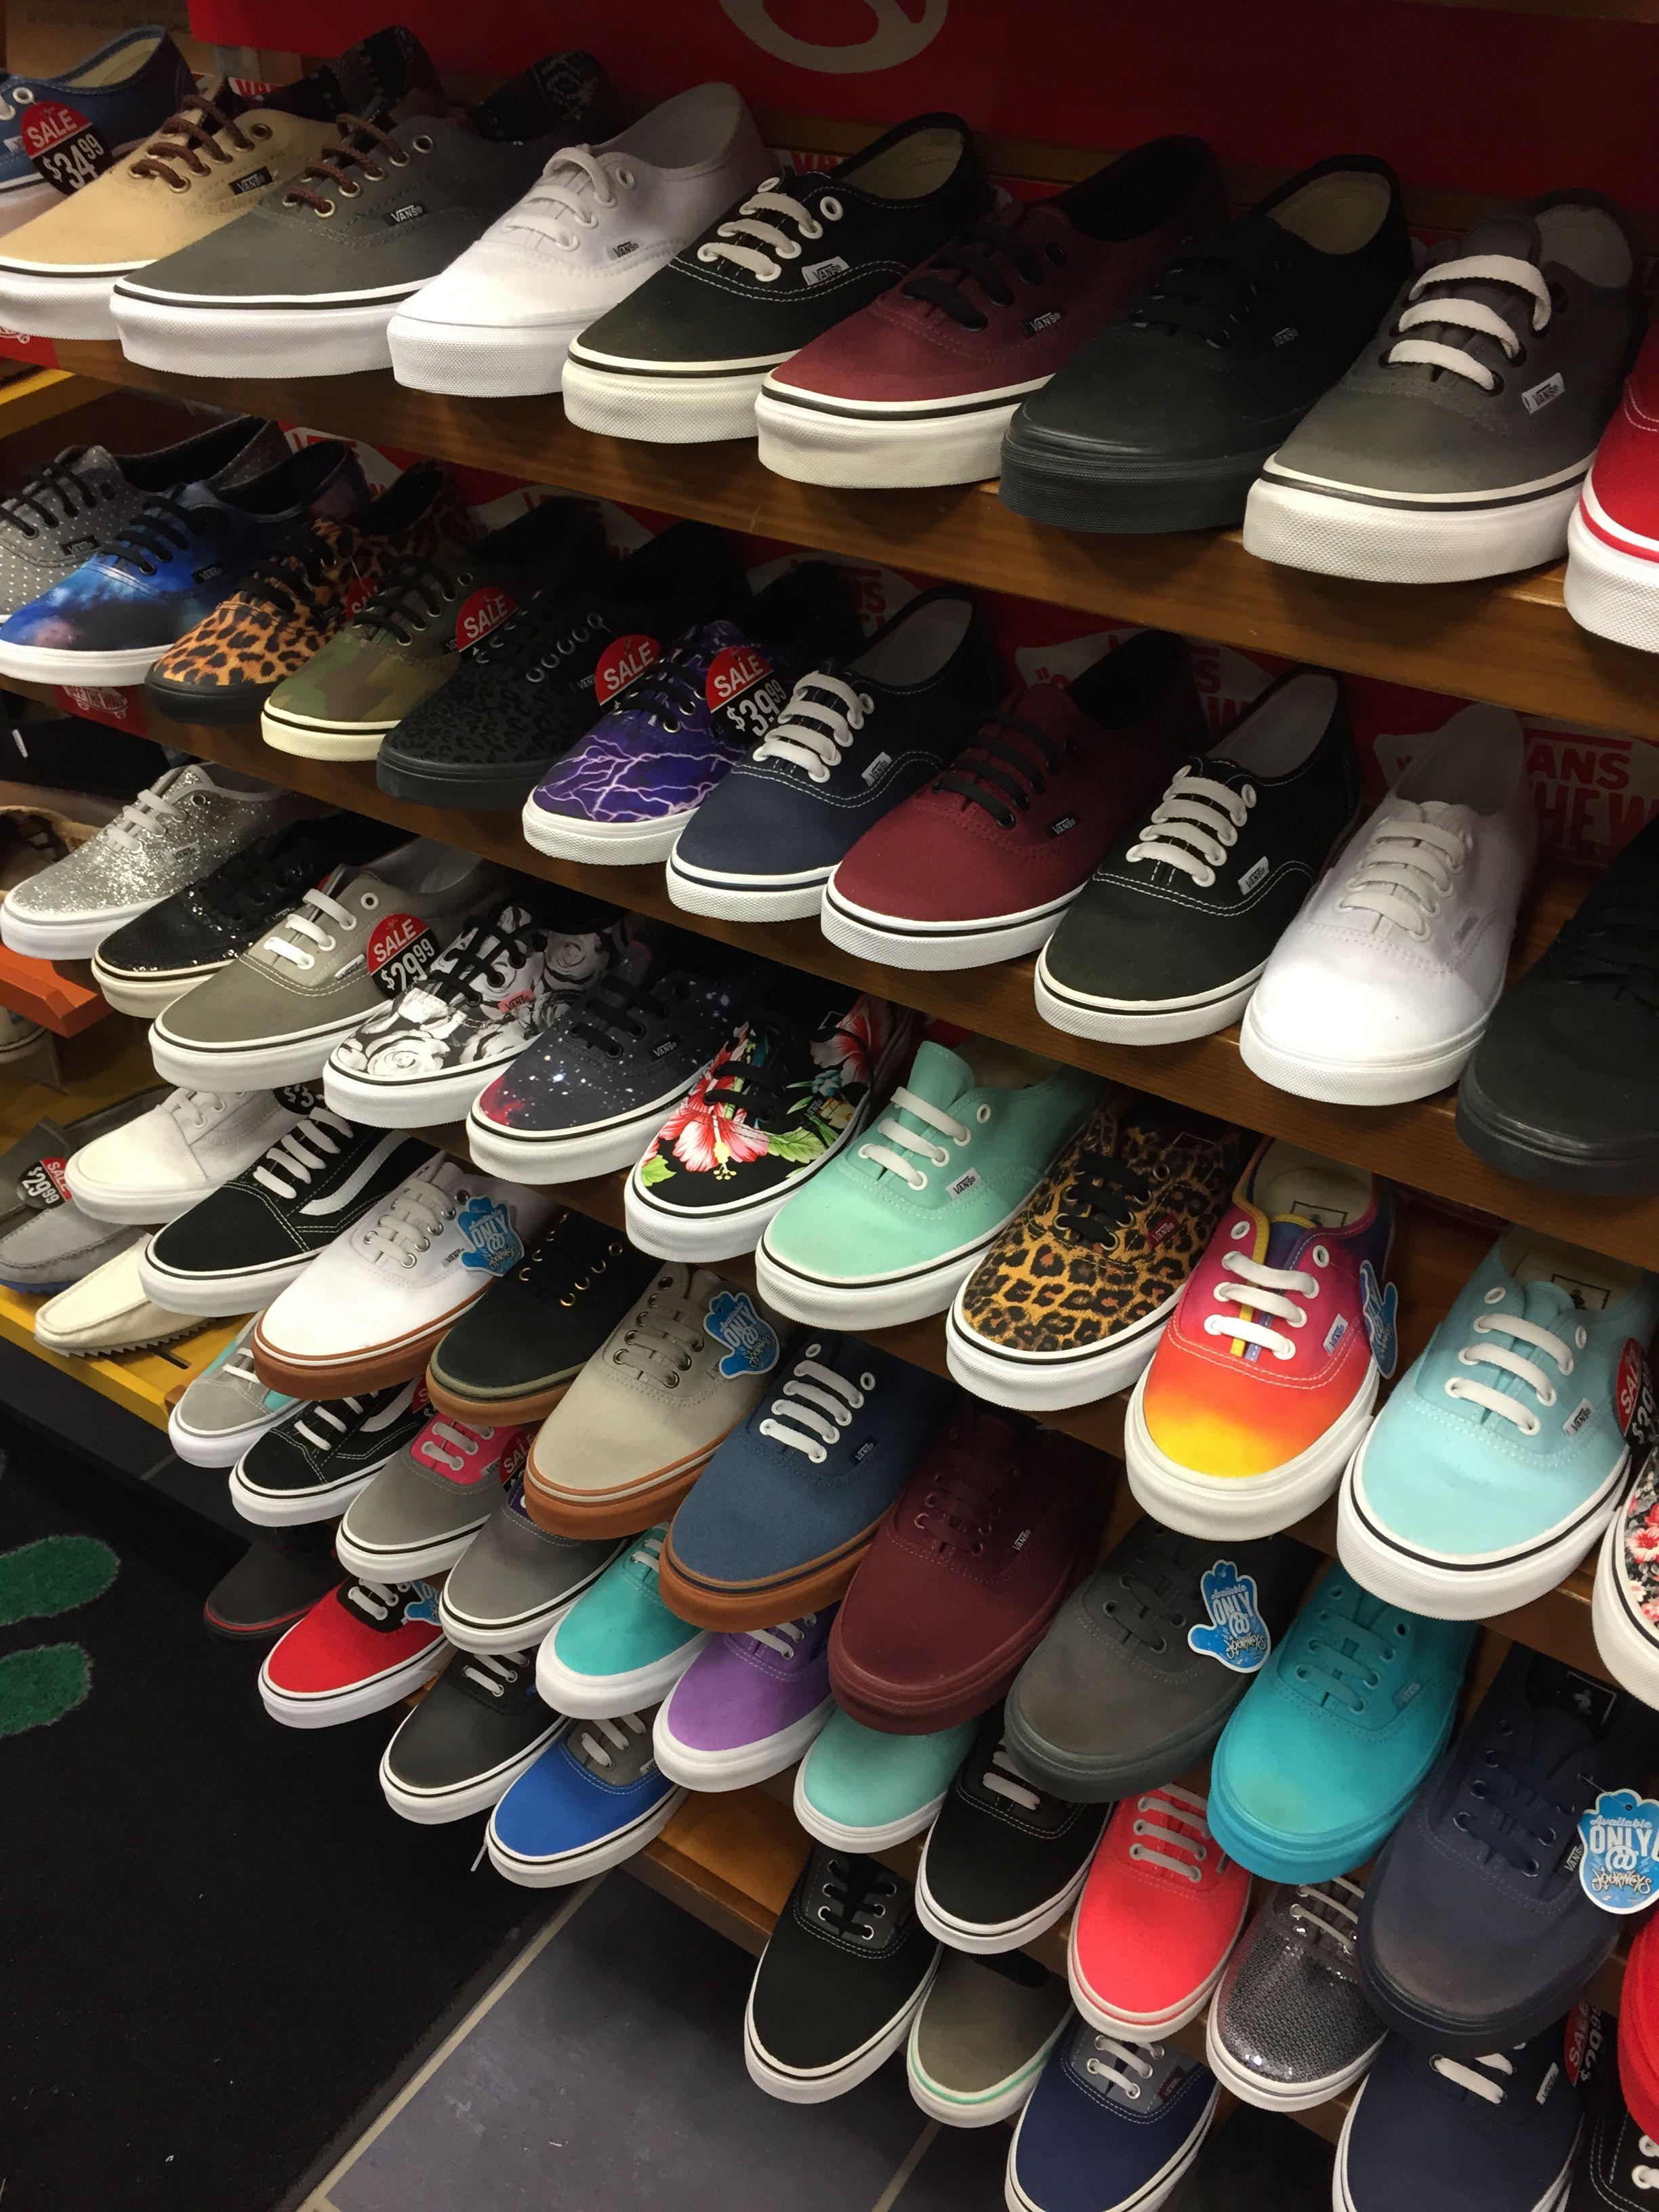 Pin by Zachery Burns on I'd wear that Sneakers, Converse